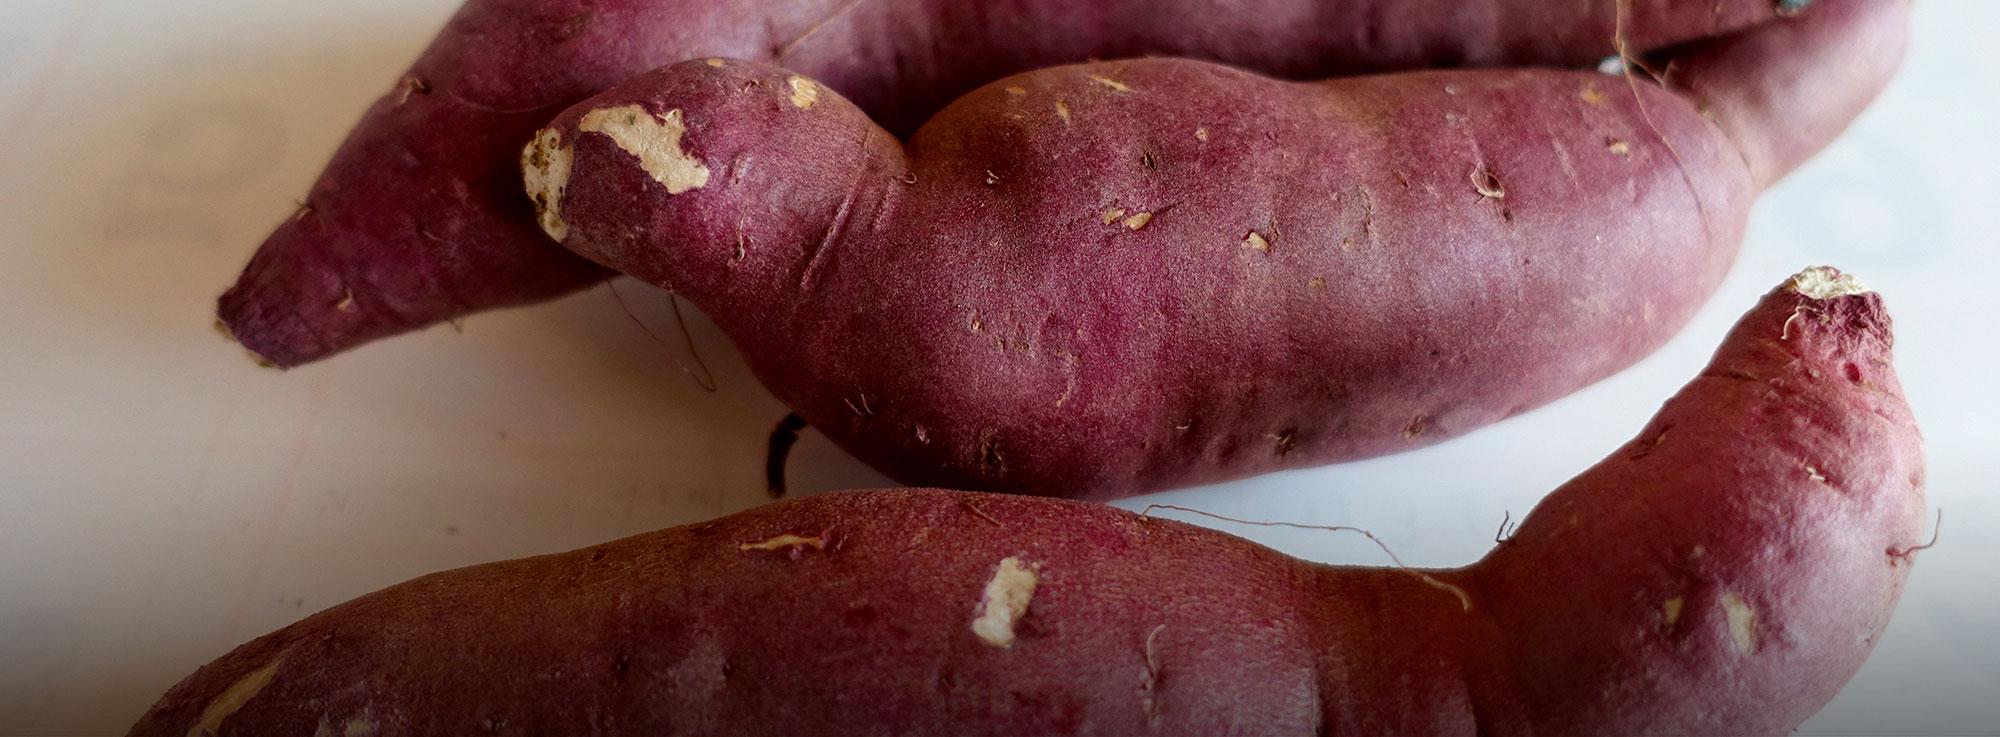 Calimera: Sagra della patata zuccarina